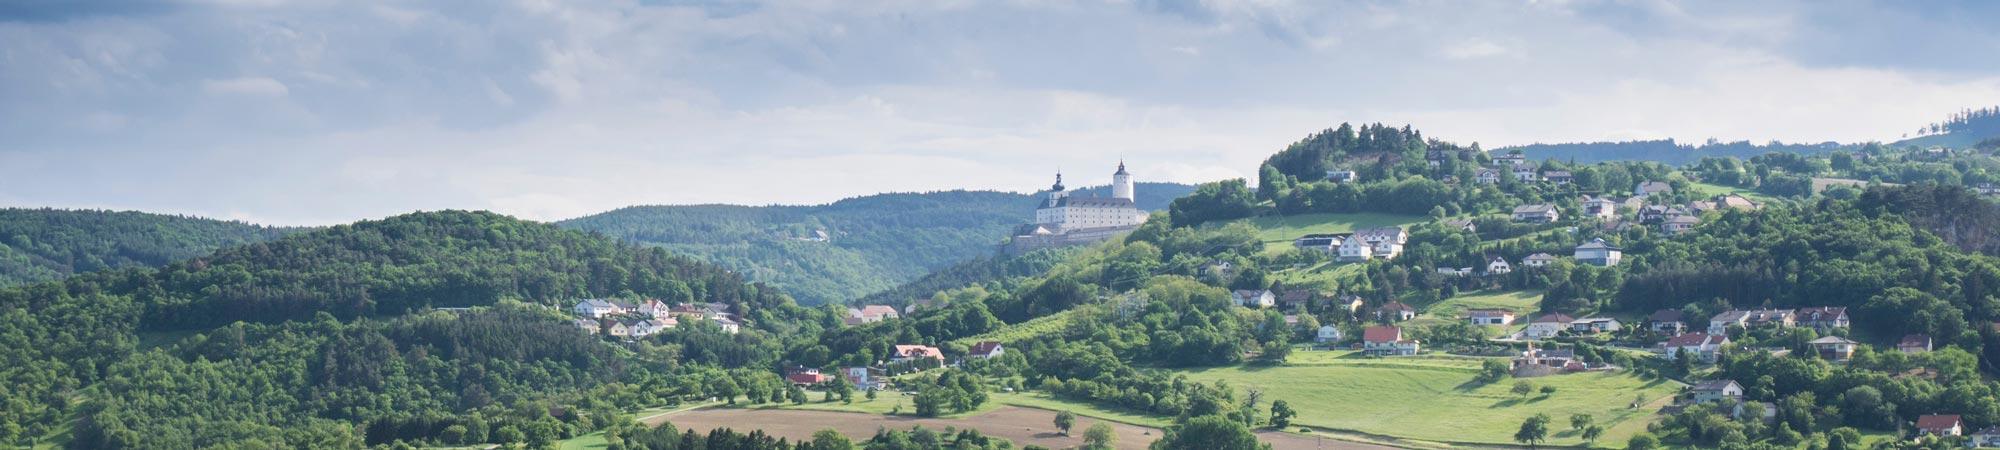 Gemeinde-Forchtenstein-06